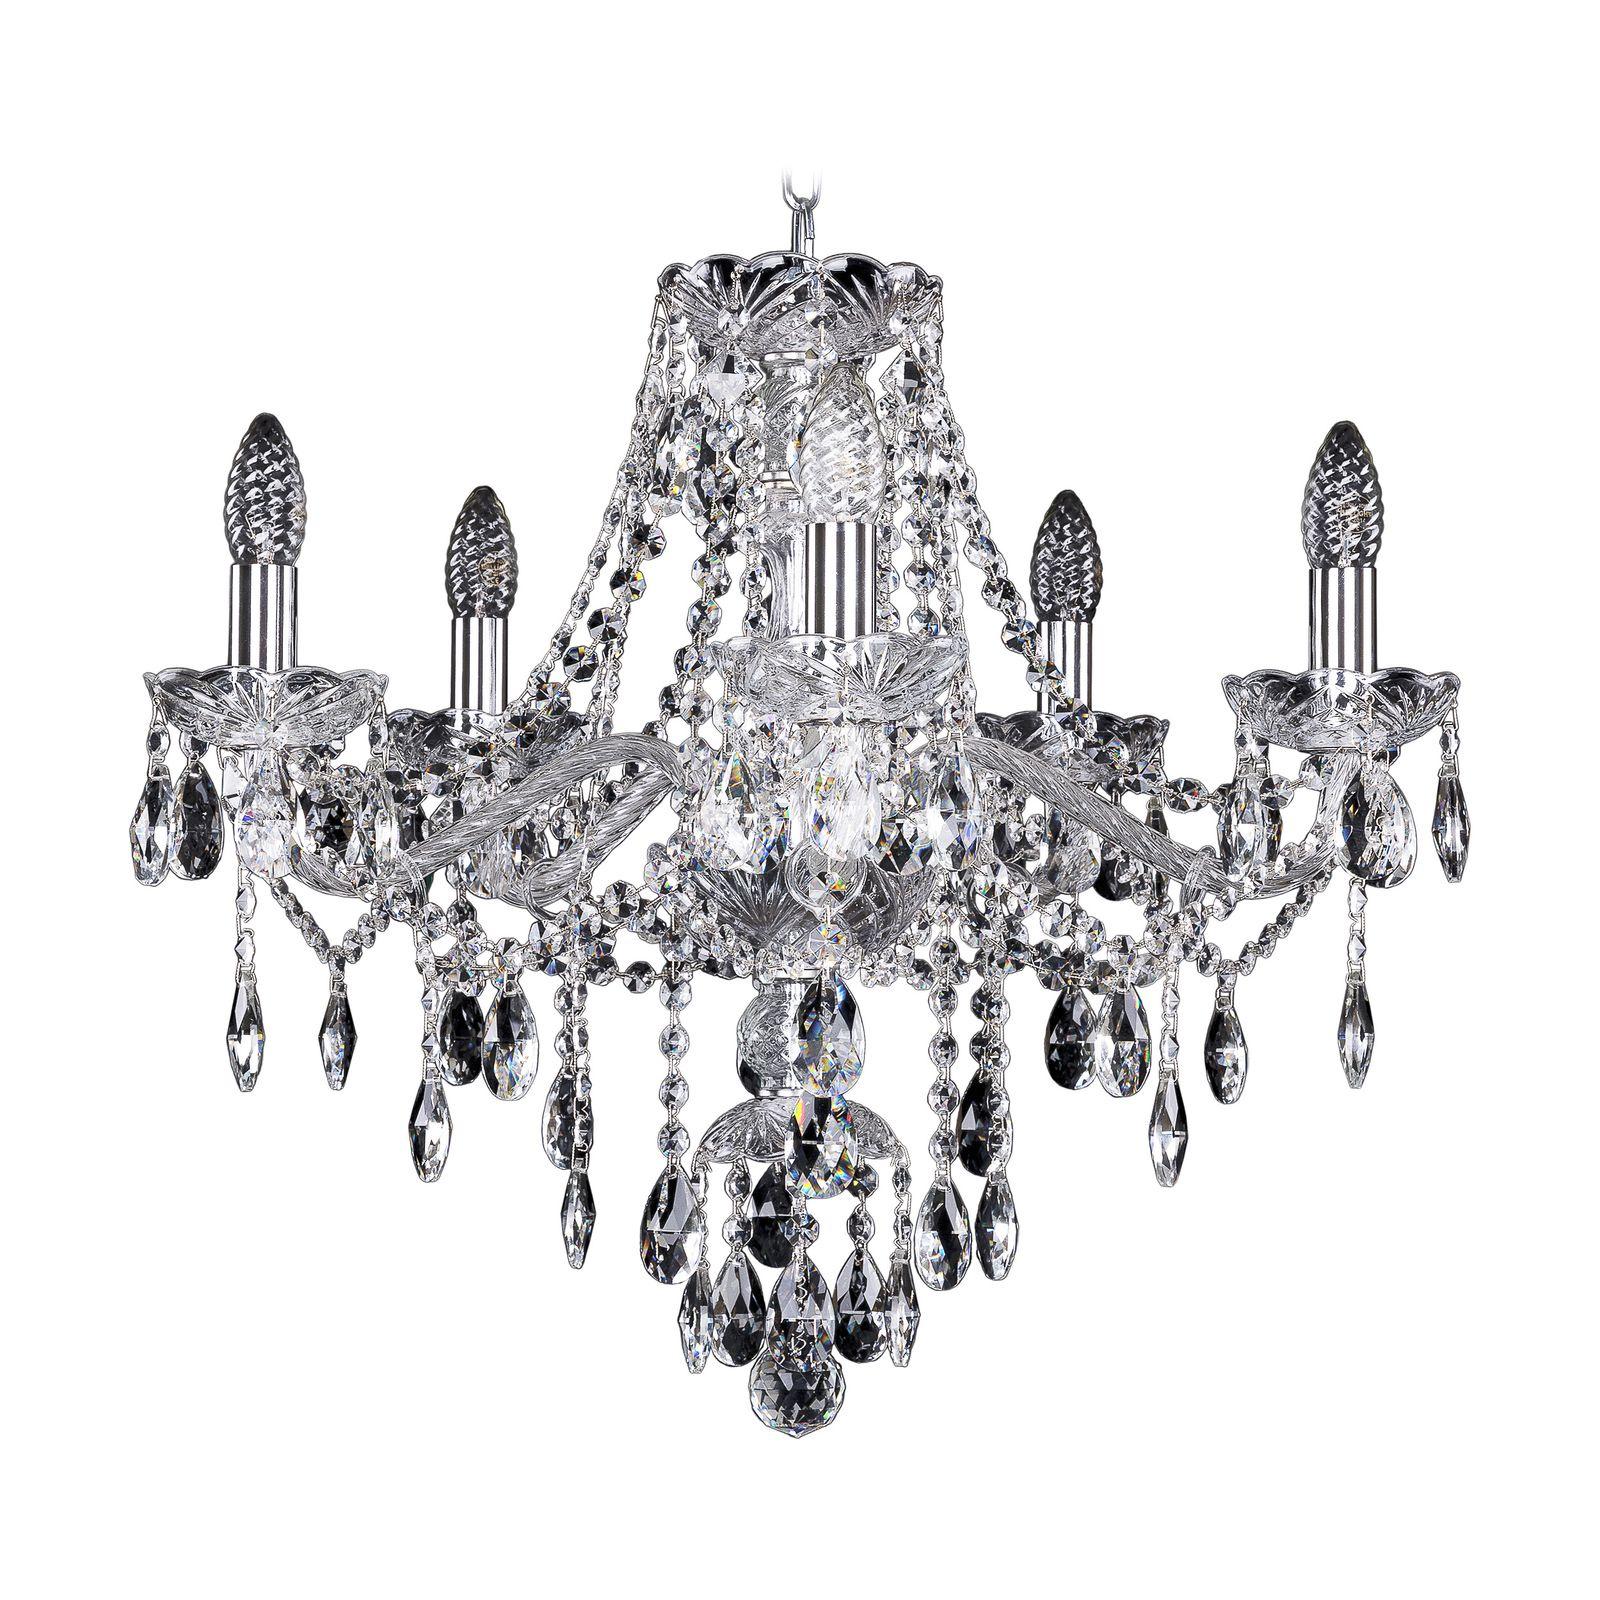 Потолочный светильник Bohemia Ivele Crystal 1415/5/200 Ni, E14, 40 Вт все цены